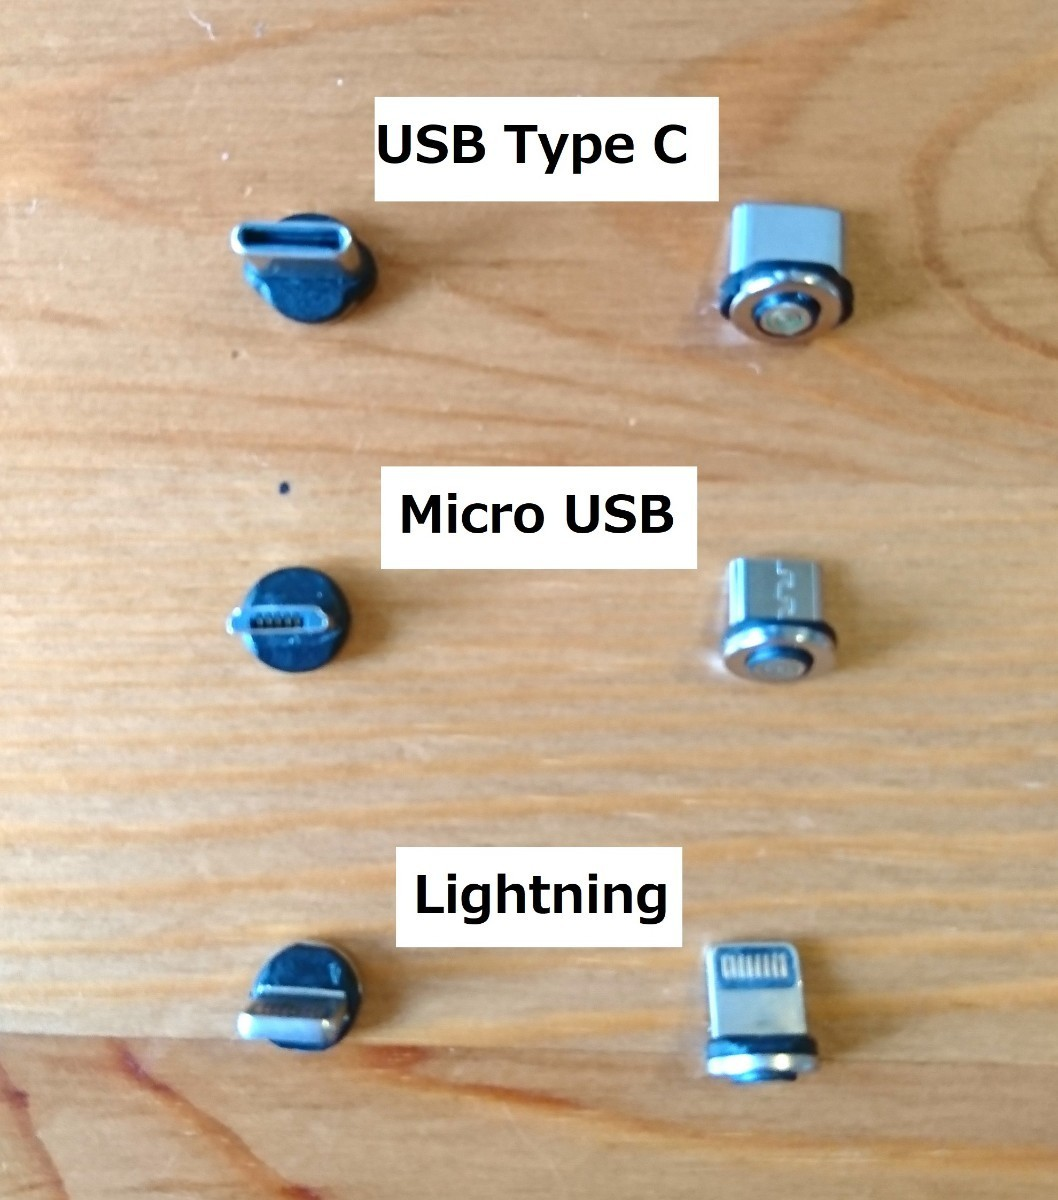 【3A端子1つ付き】マグネット式 USB 充電ケーブル データ通信USBケーブル